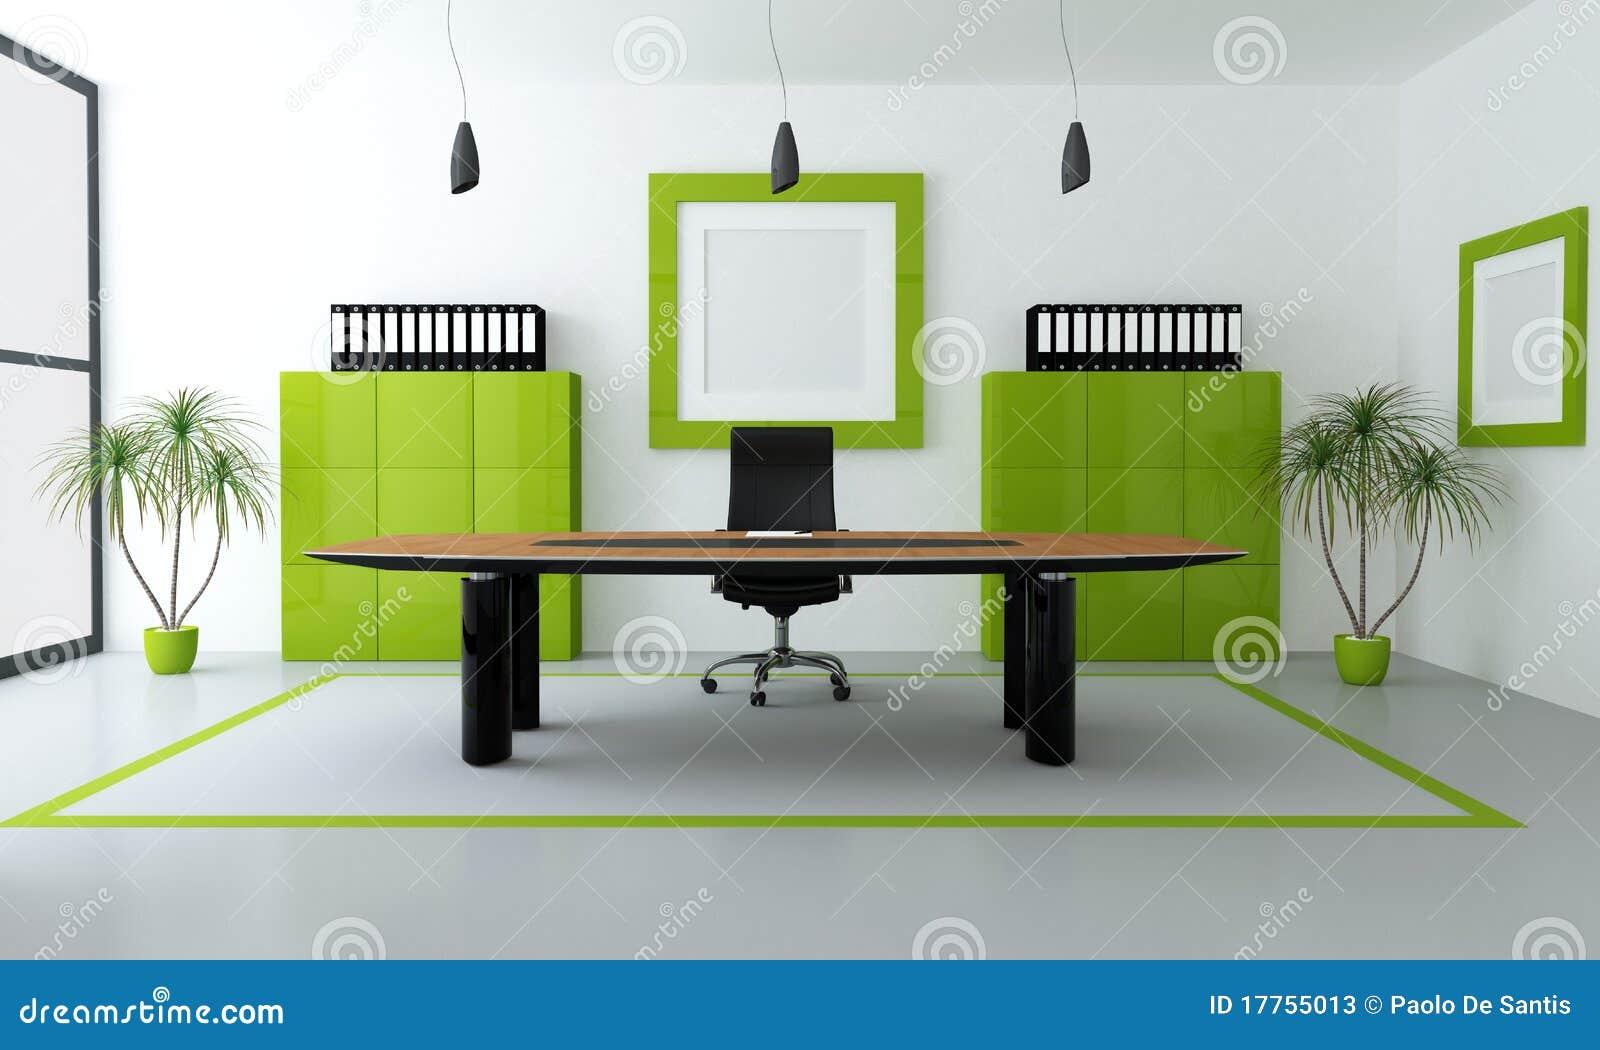 Espacio de oficina verde y negro minimalista - representaciu00f3n.